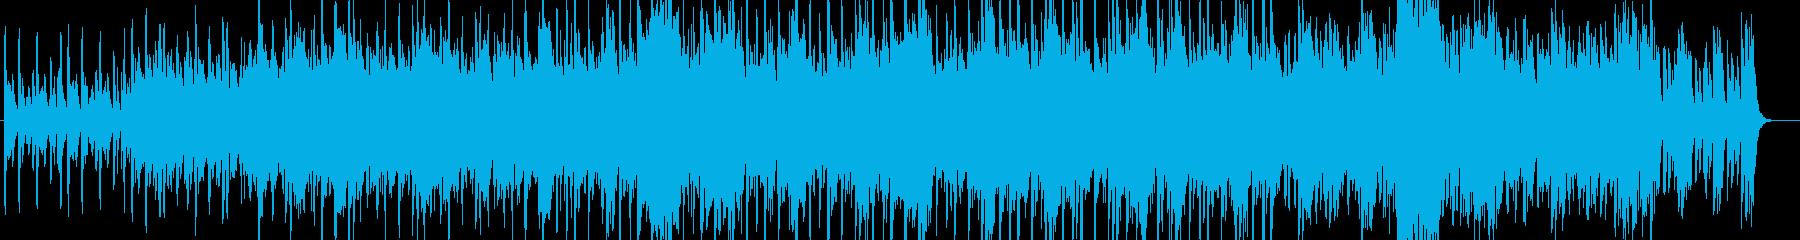 穏やかで重厚感あるストリングスメインの曲の再生済みの波形